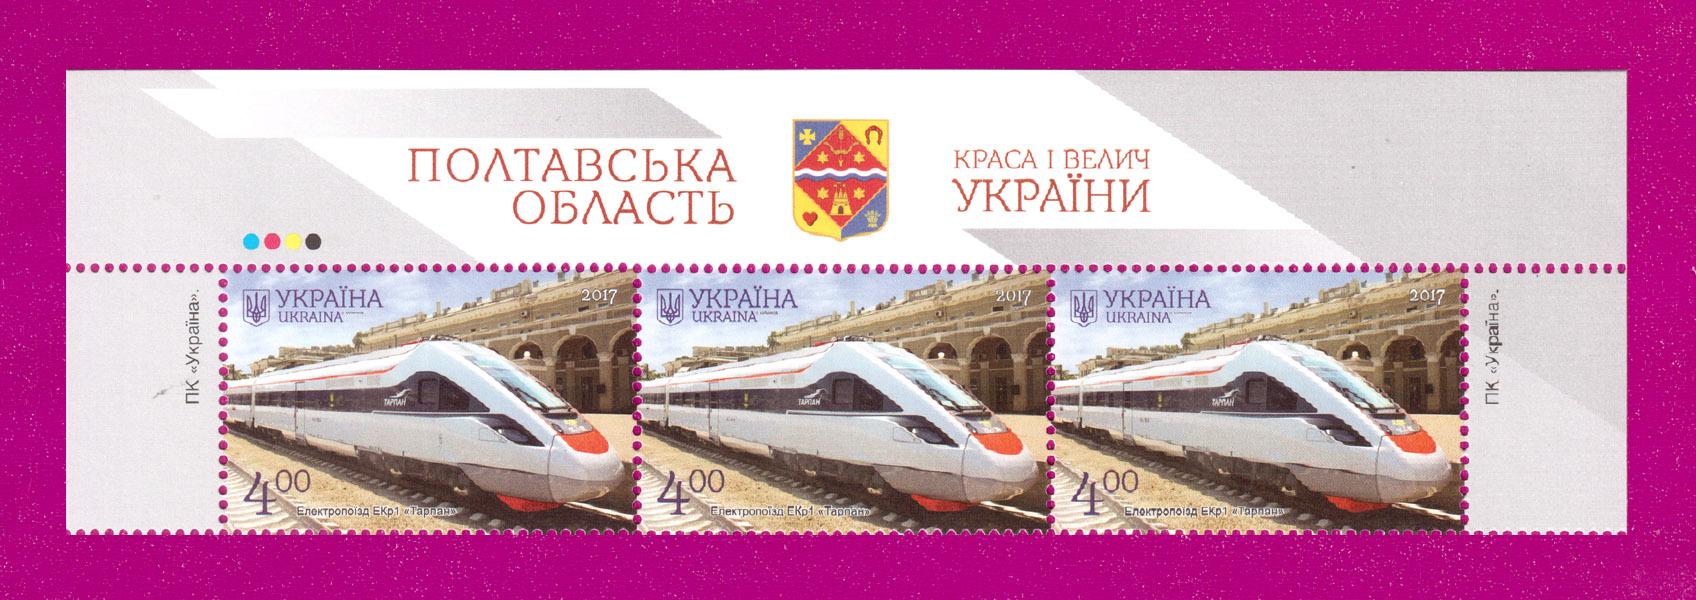 2017 часть листа Кременчуг Электропоезд Тарпан ВЕРХ Украина